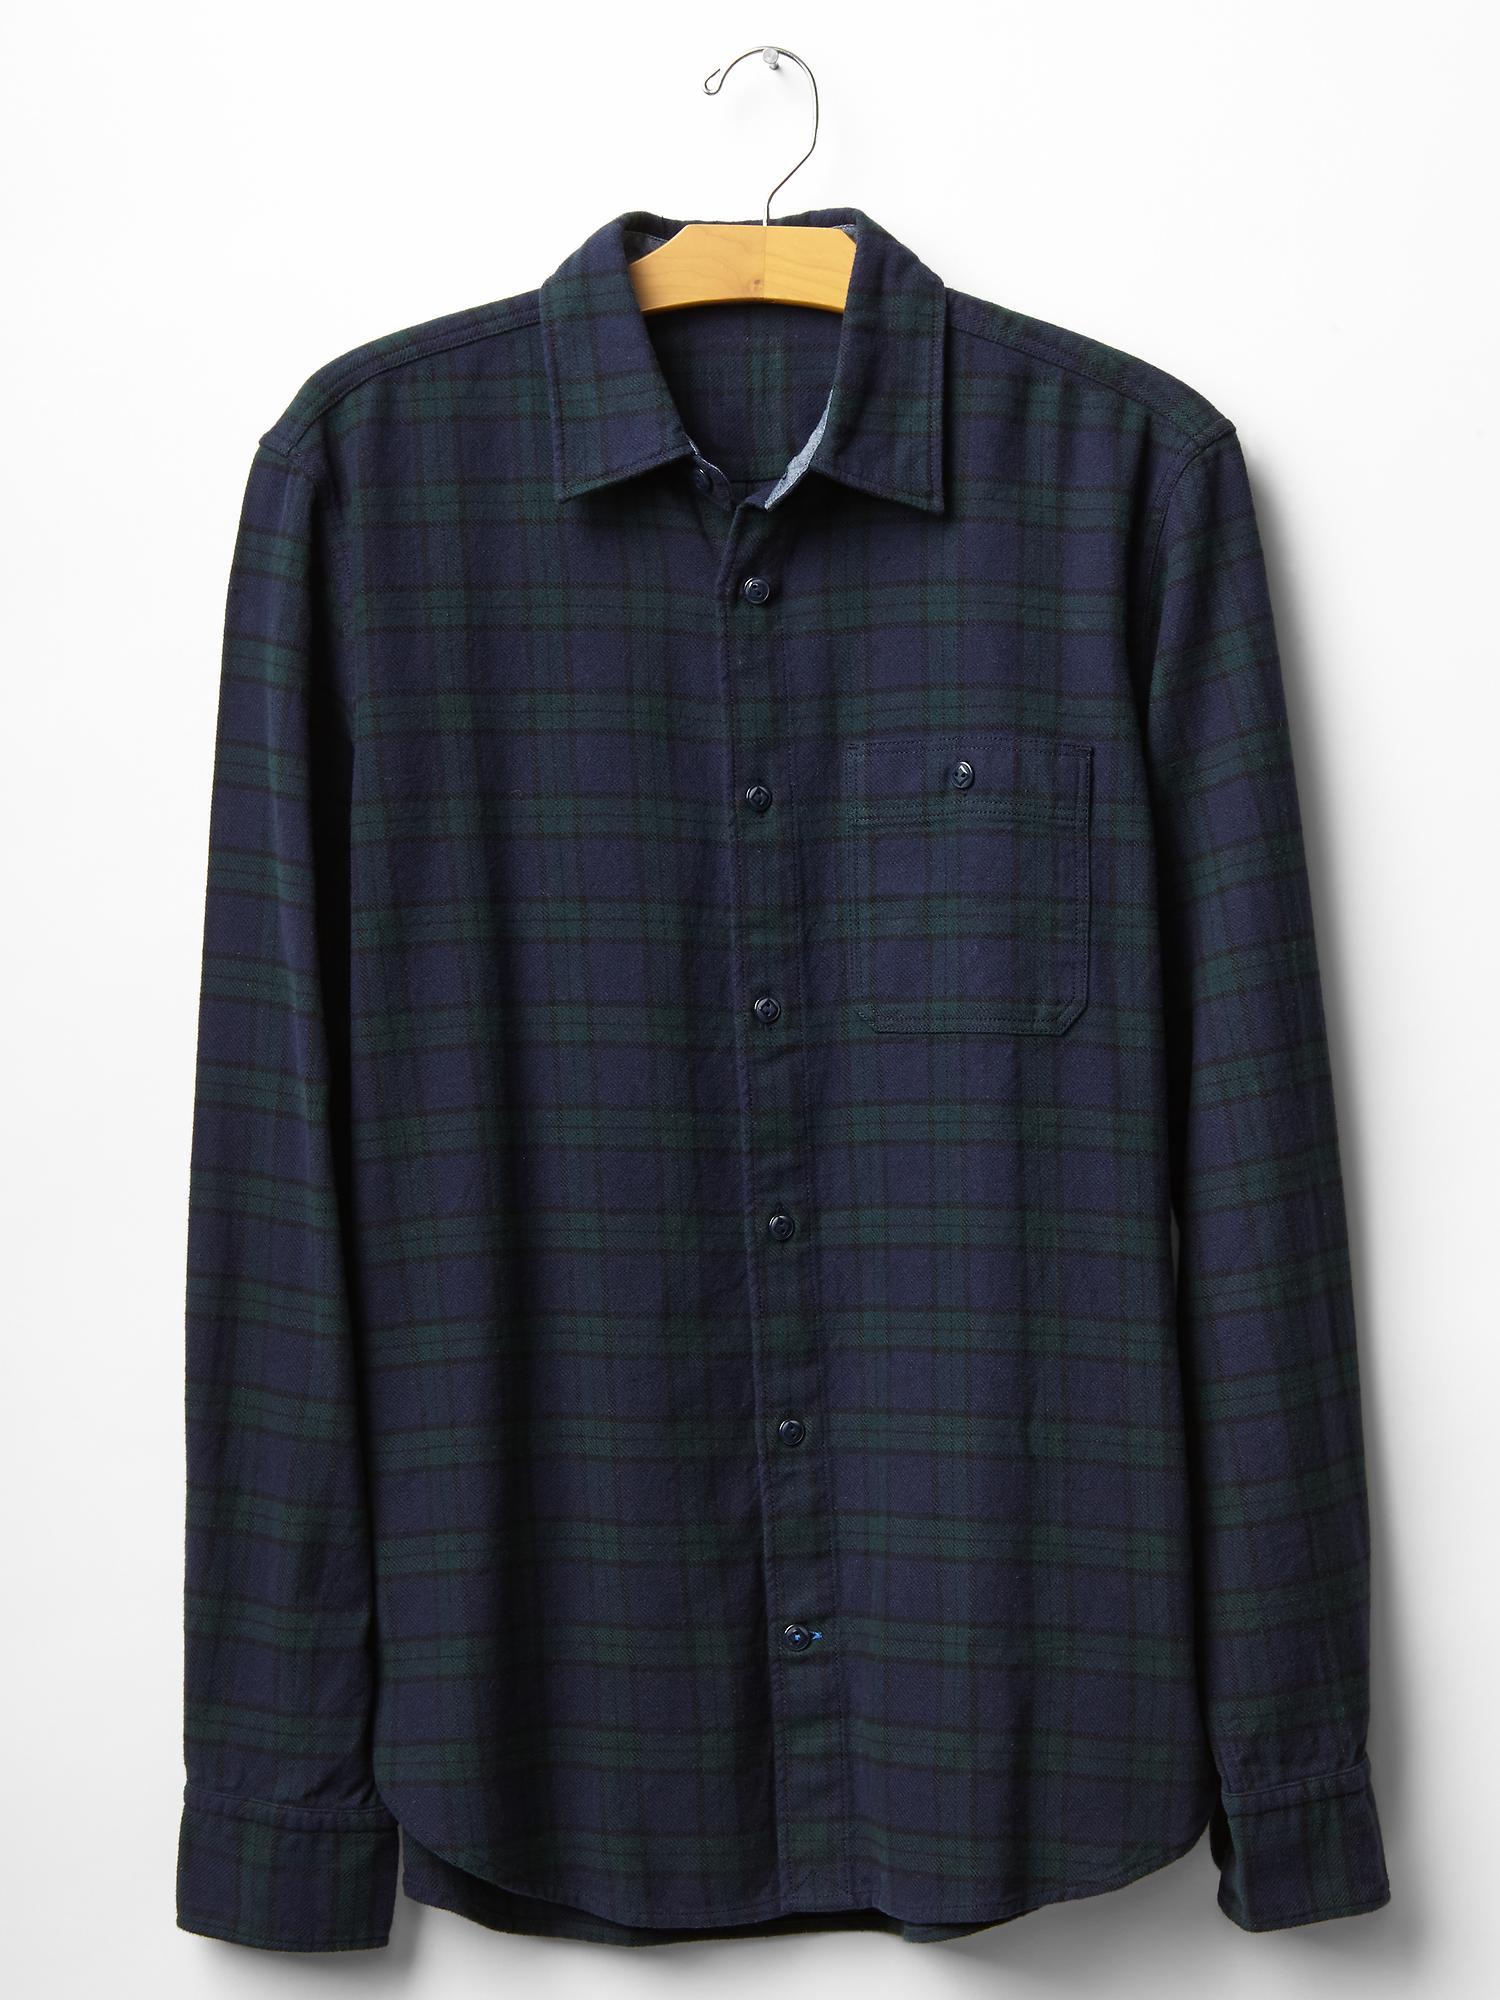 Gap heavyweight flannel blackwatch plaid shirt in blue for for Black watch plaid flannel shirt